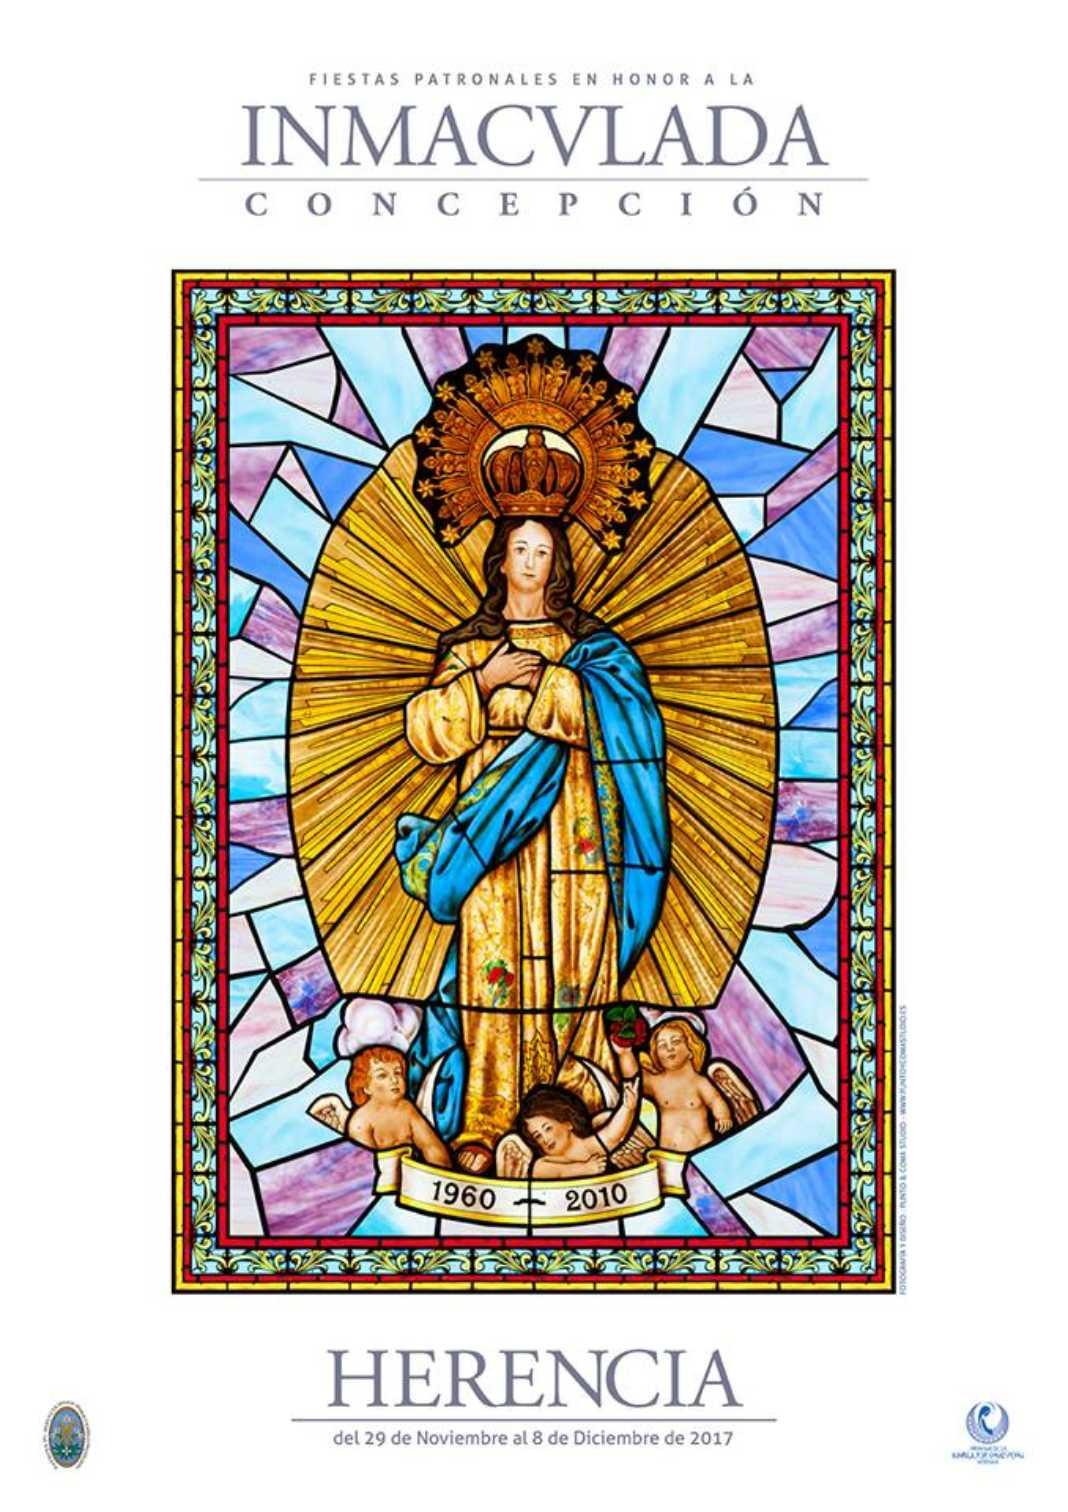 Fiesta de la Inmaculada Concepción en Herencia 4